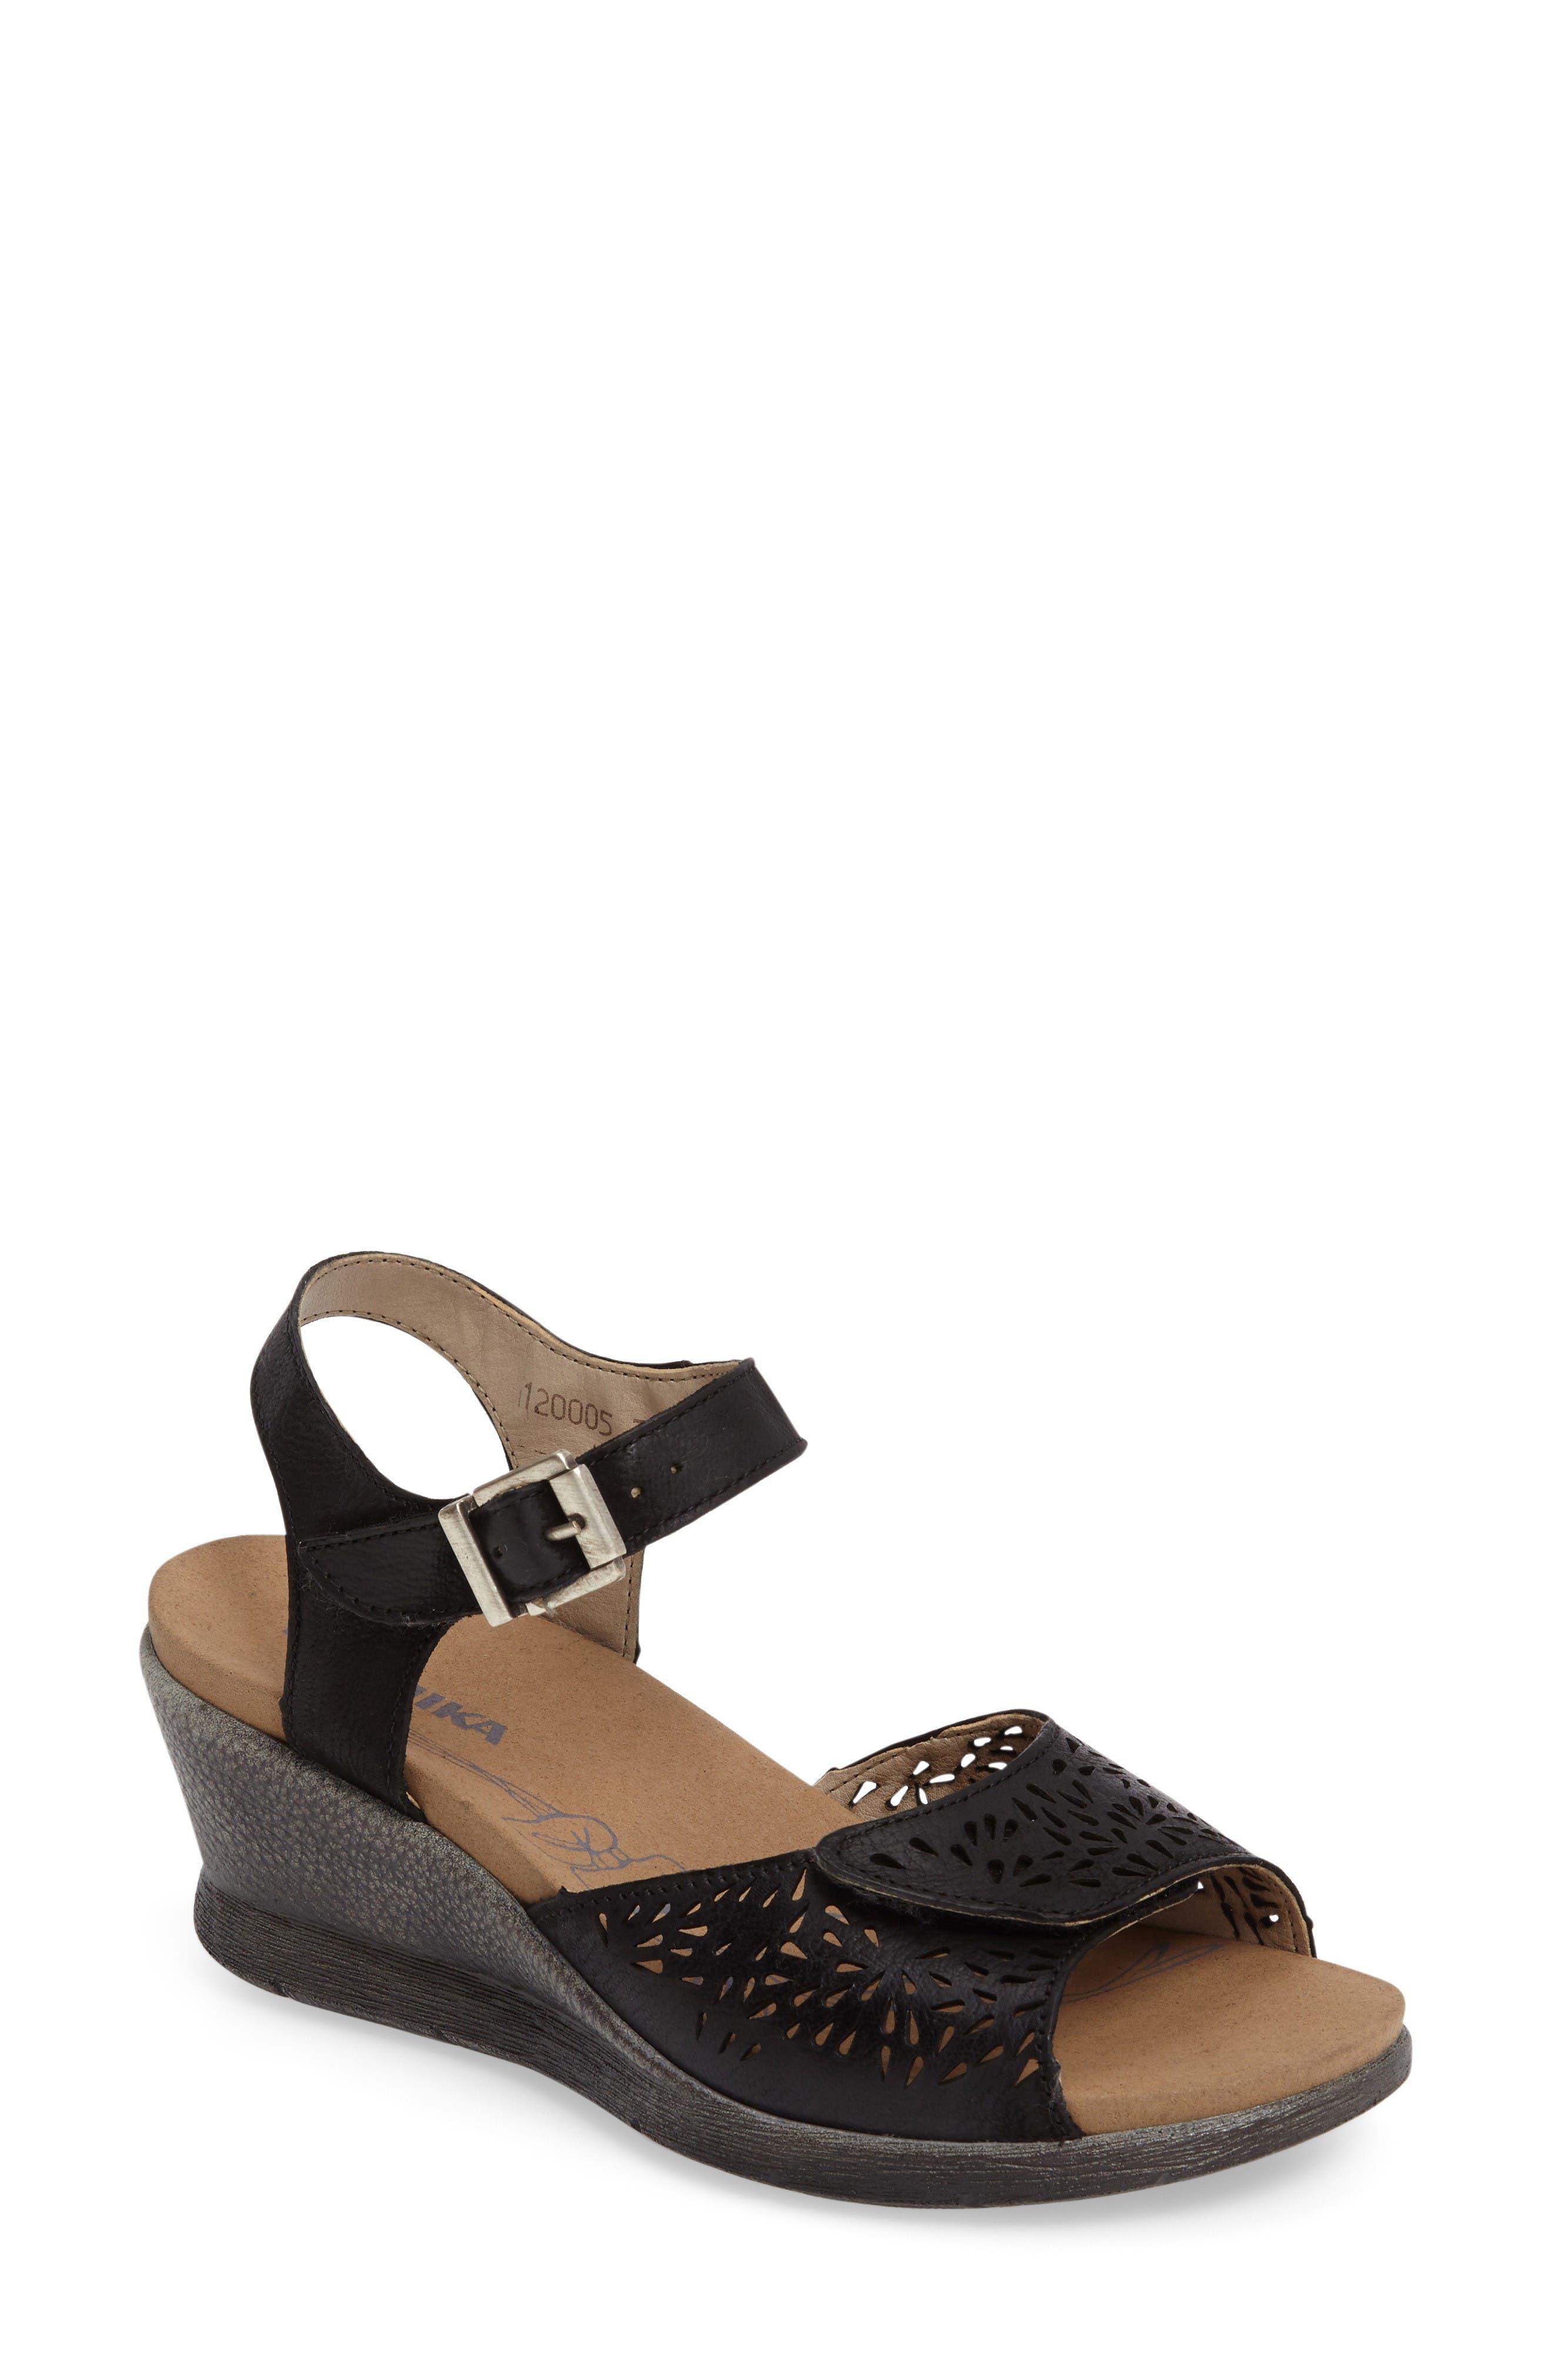 Alternate Image 1 Selected - Romika® Nevis 05 Sandal (Women)